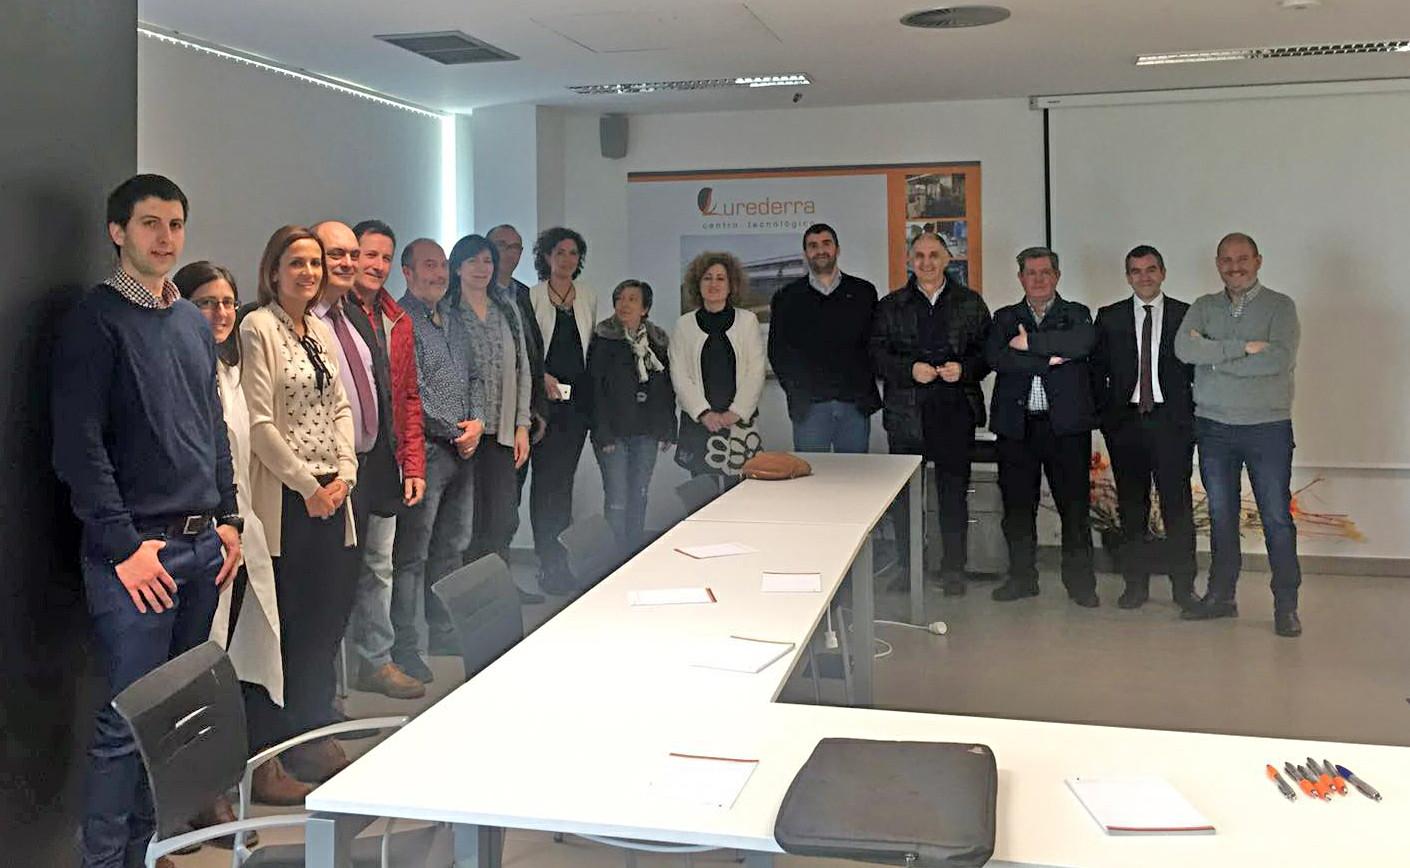 El PSN-PSOE visita el Centro Tecnológico L'Urederra